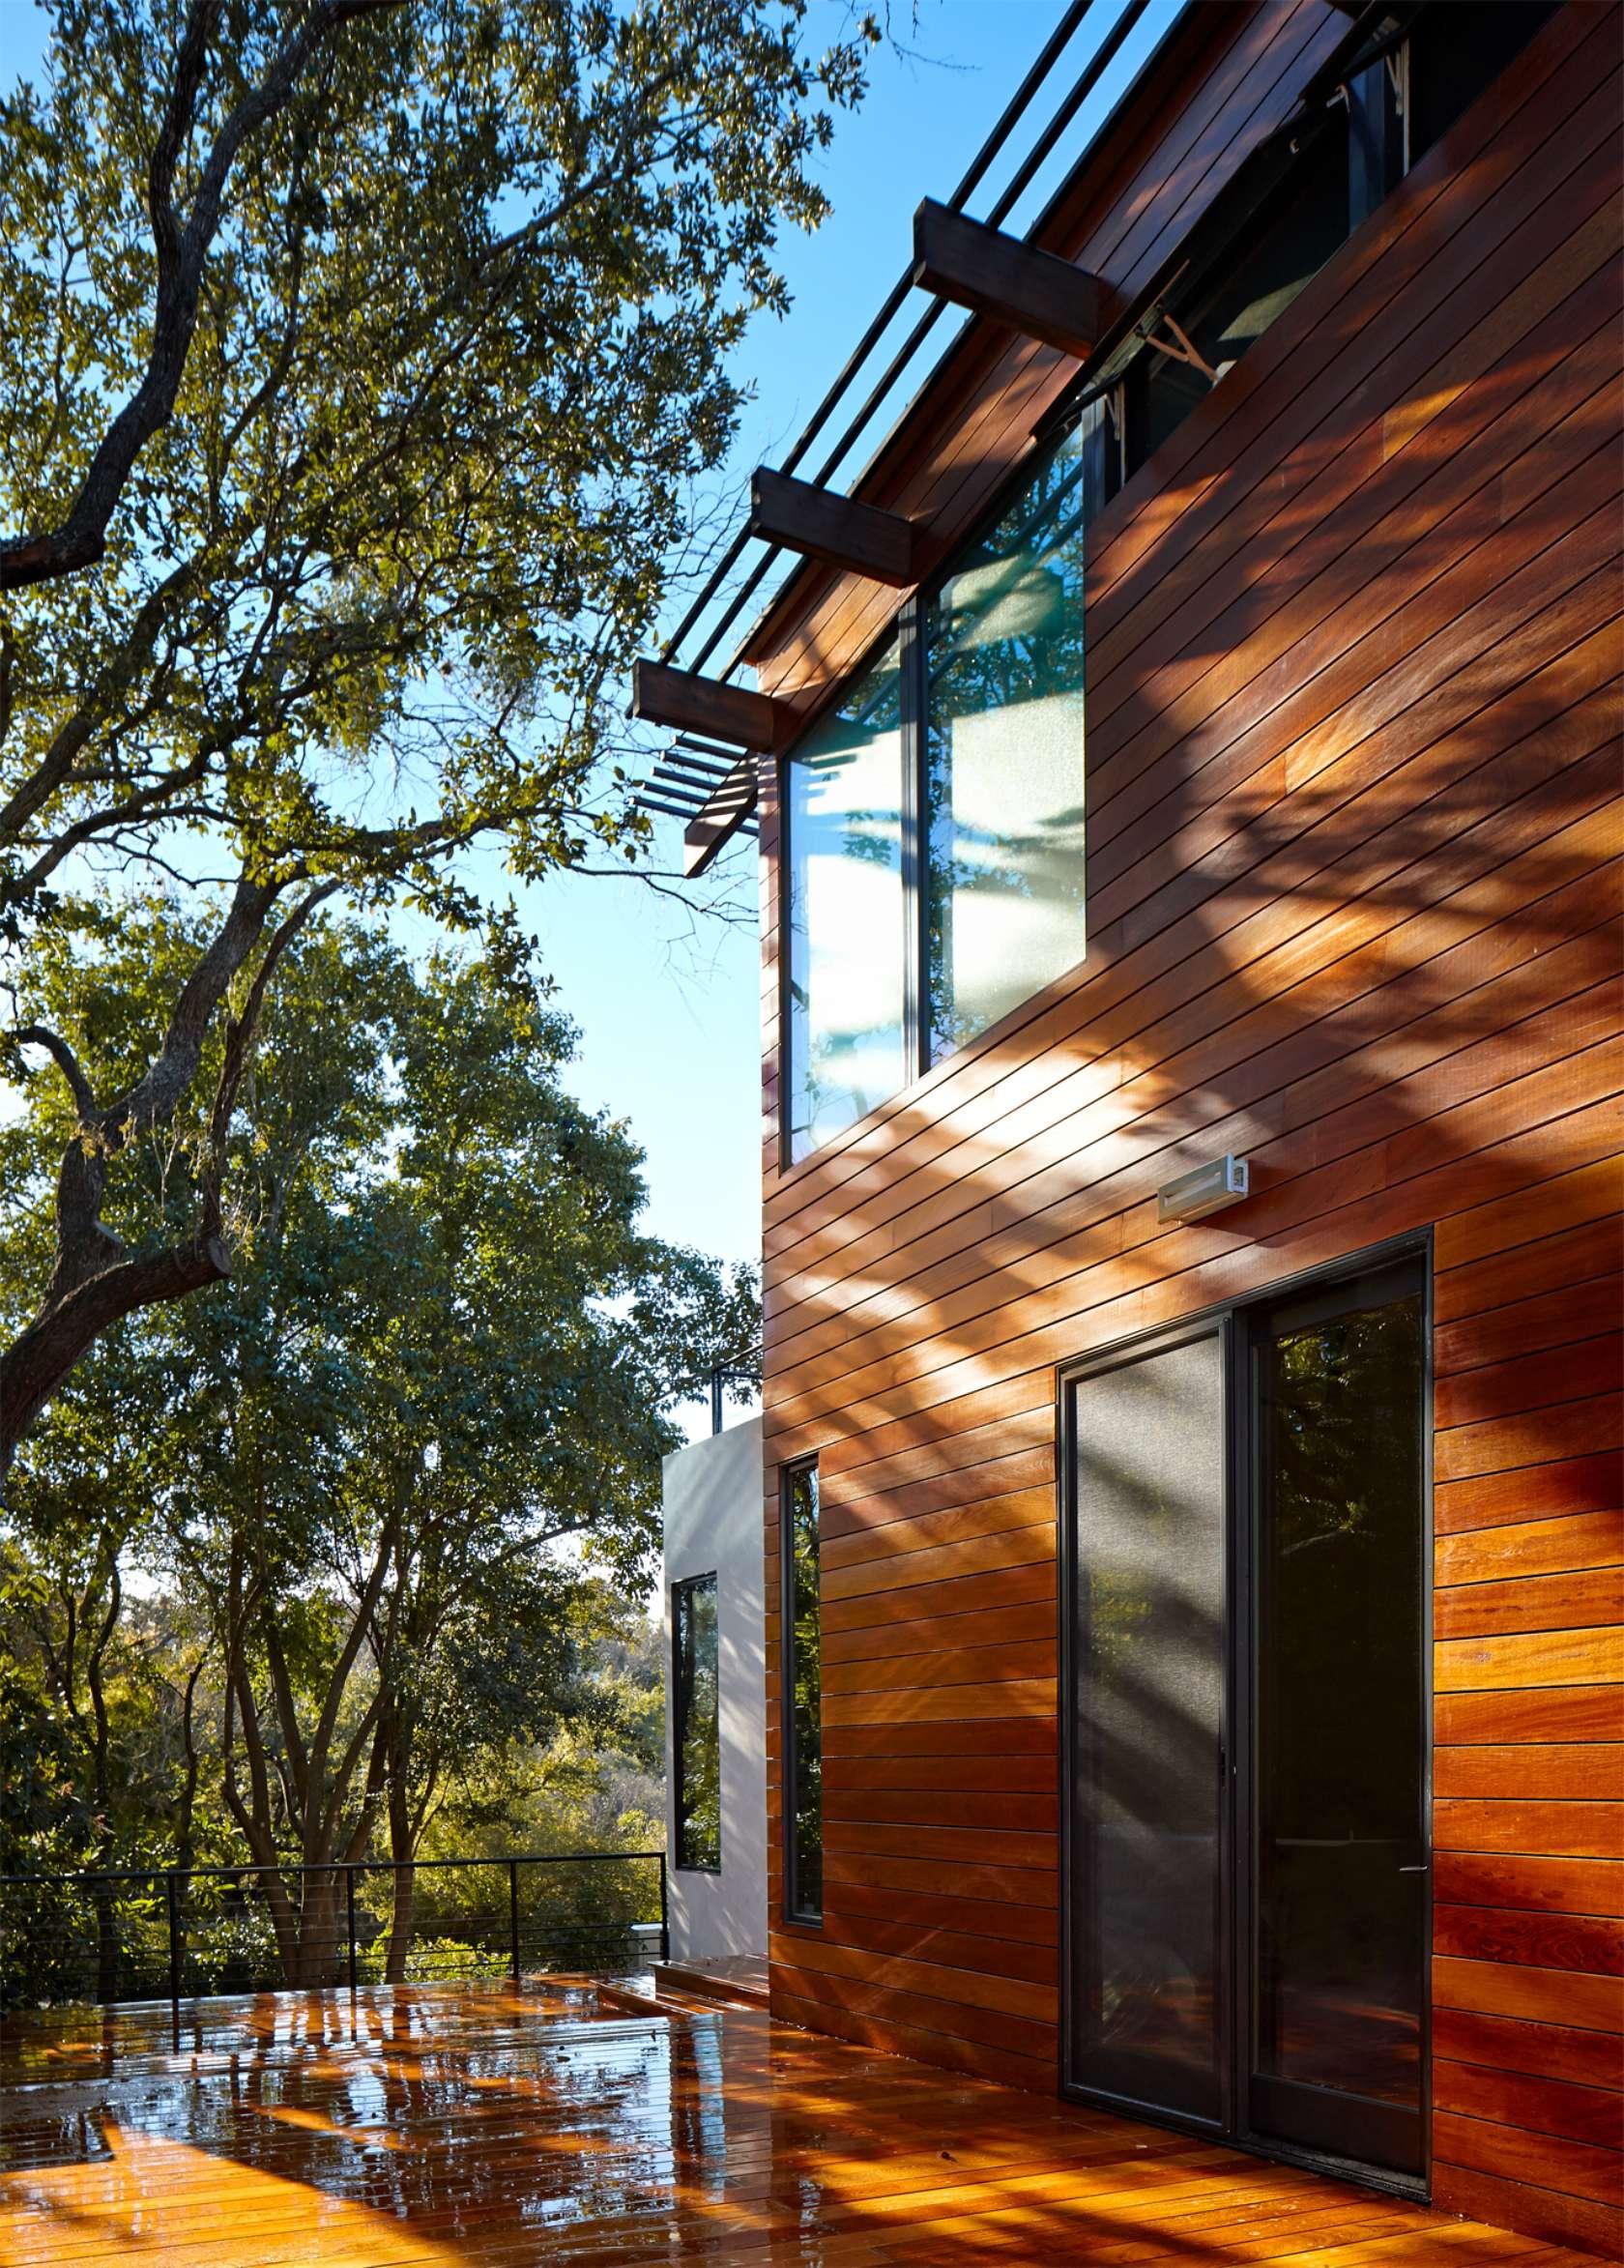 27-Wood-clad-exterior